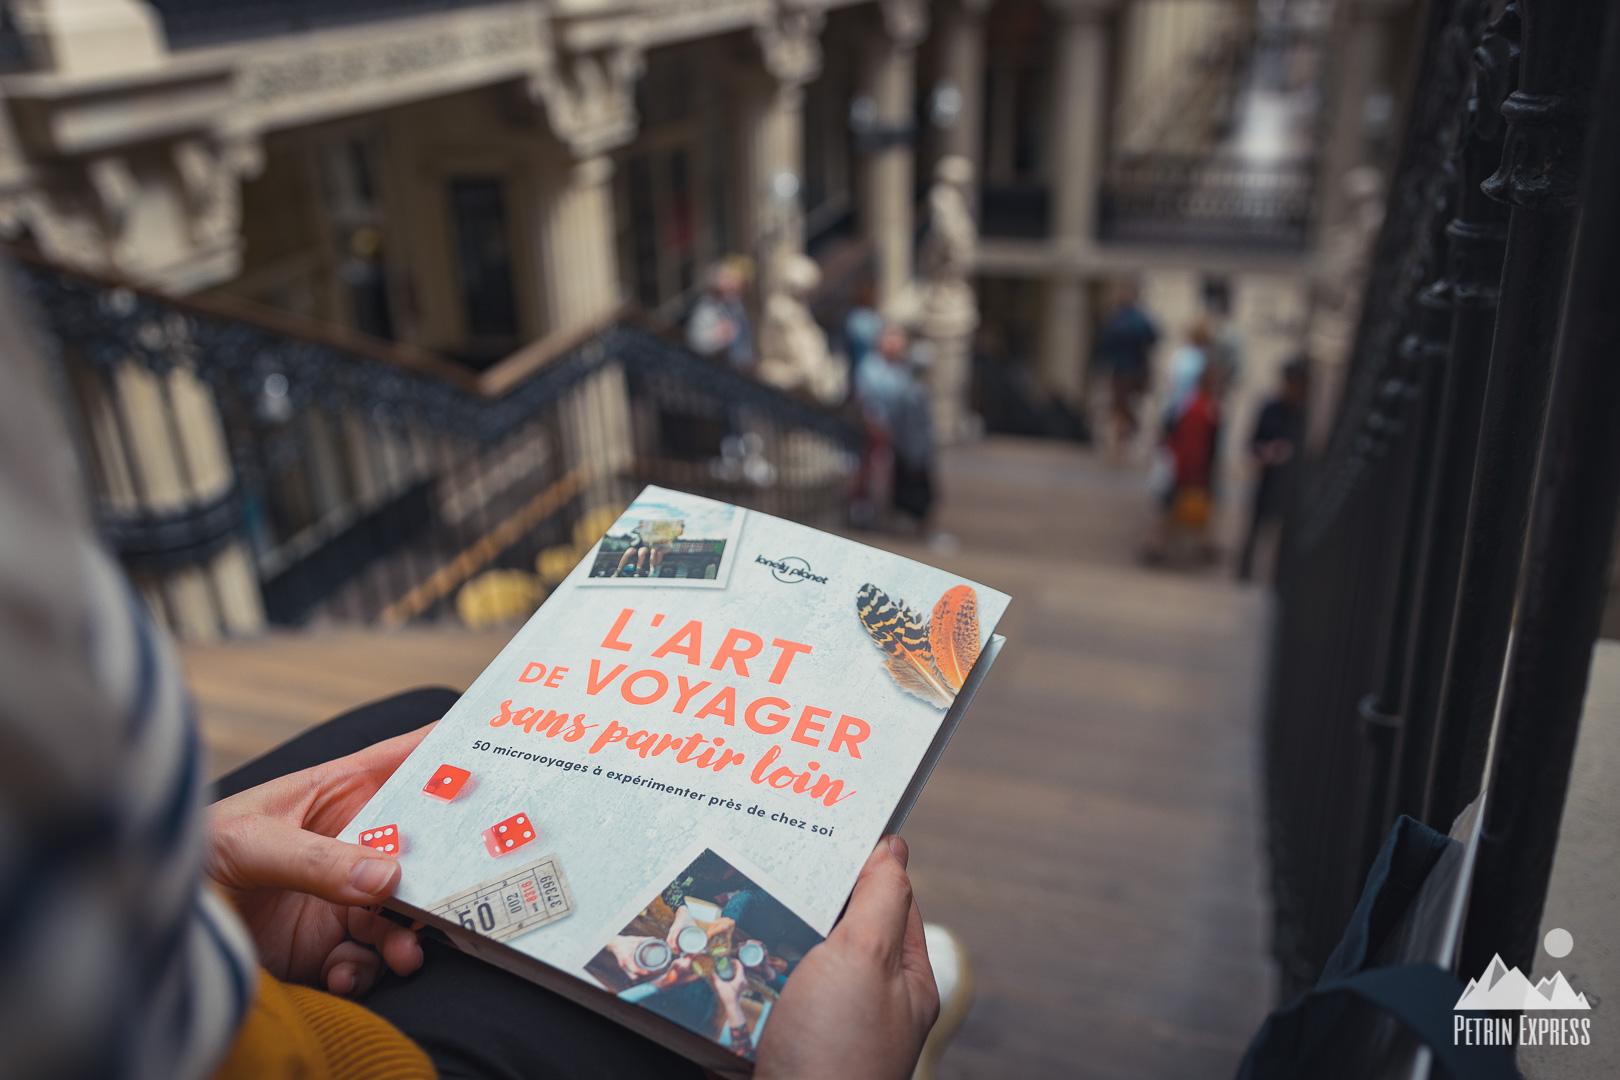 Lonely Planet Voyager Sans Partir Loin